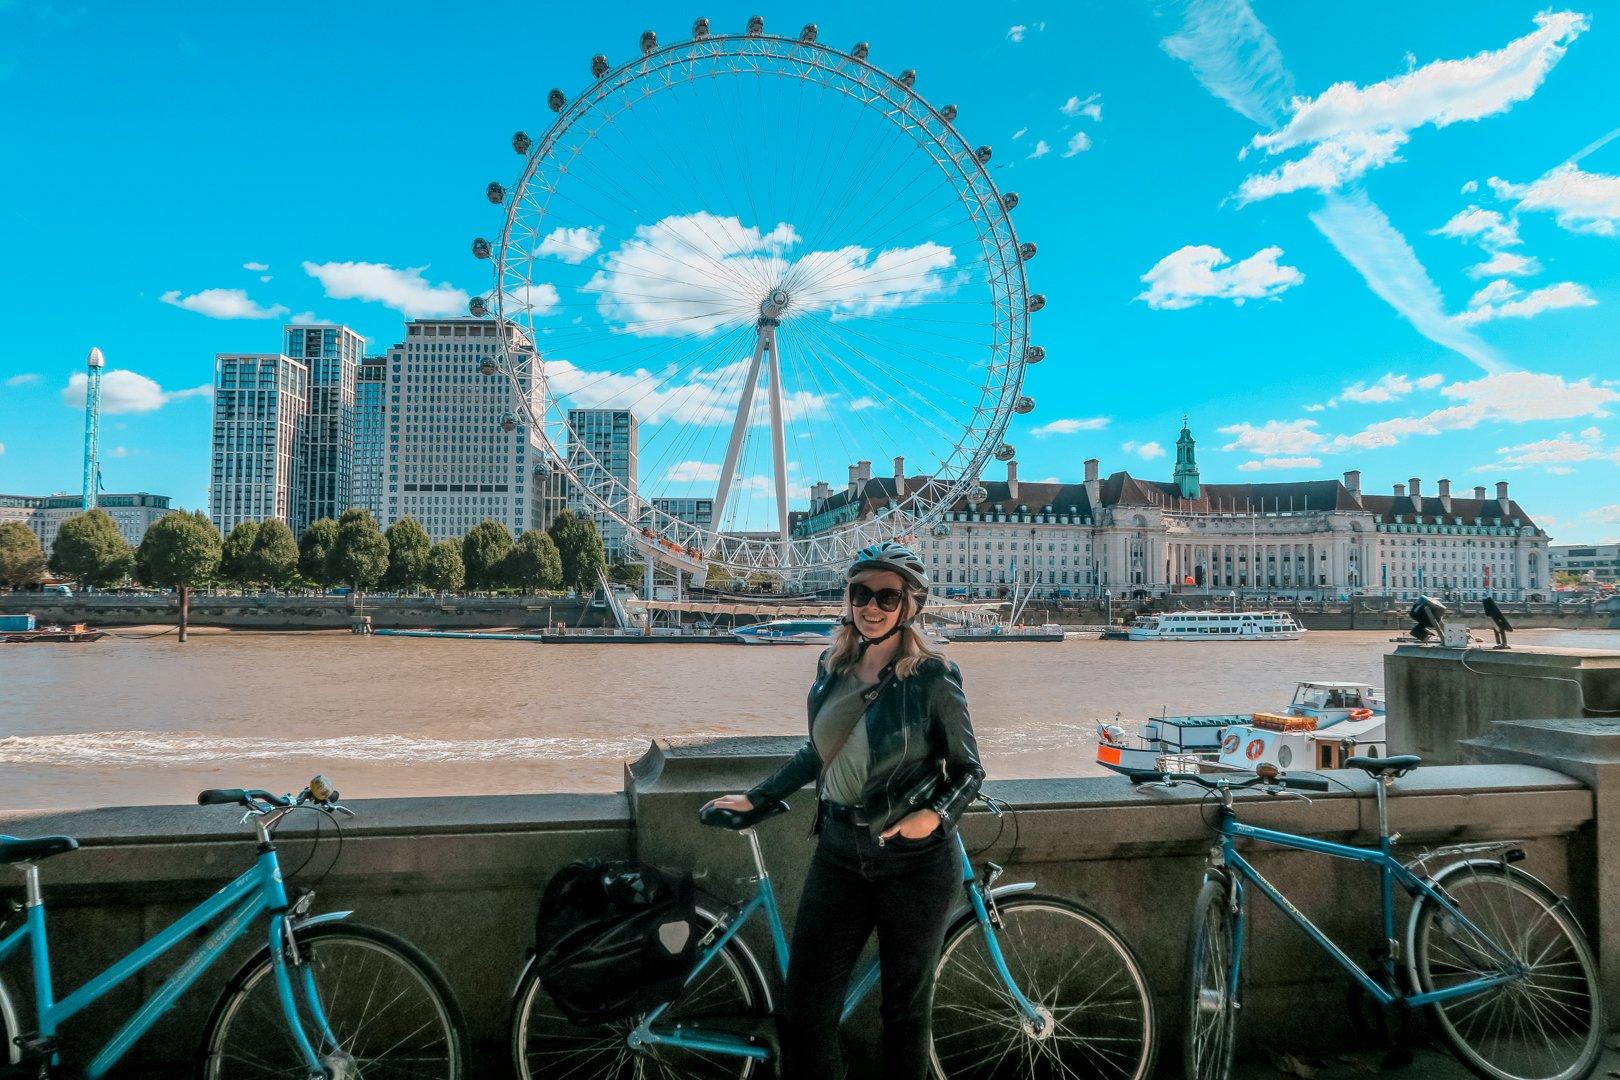 Fietsen in Londen: zou ik een fietstour aanraden?